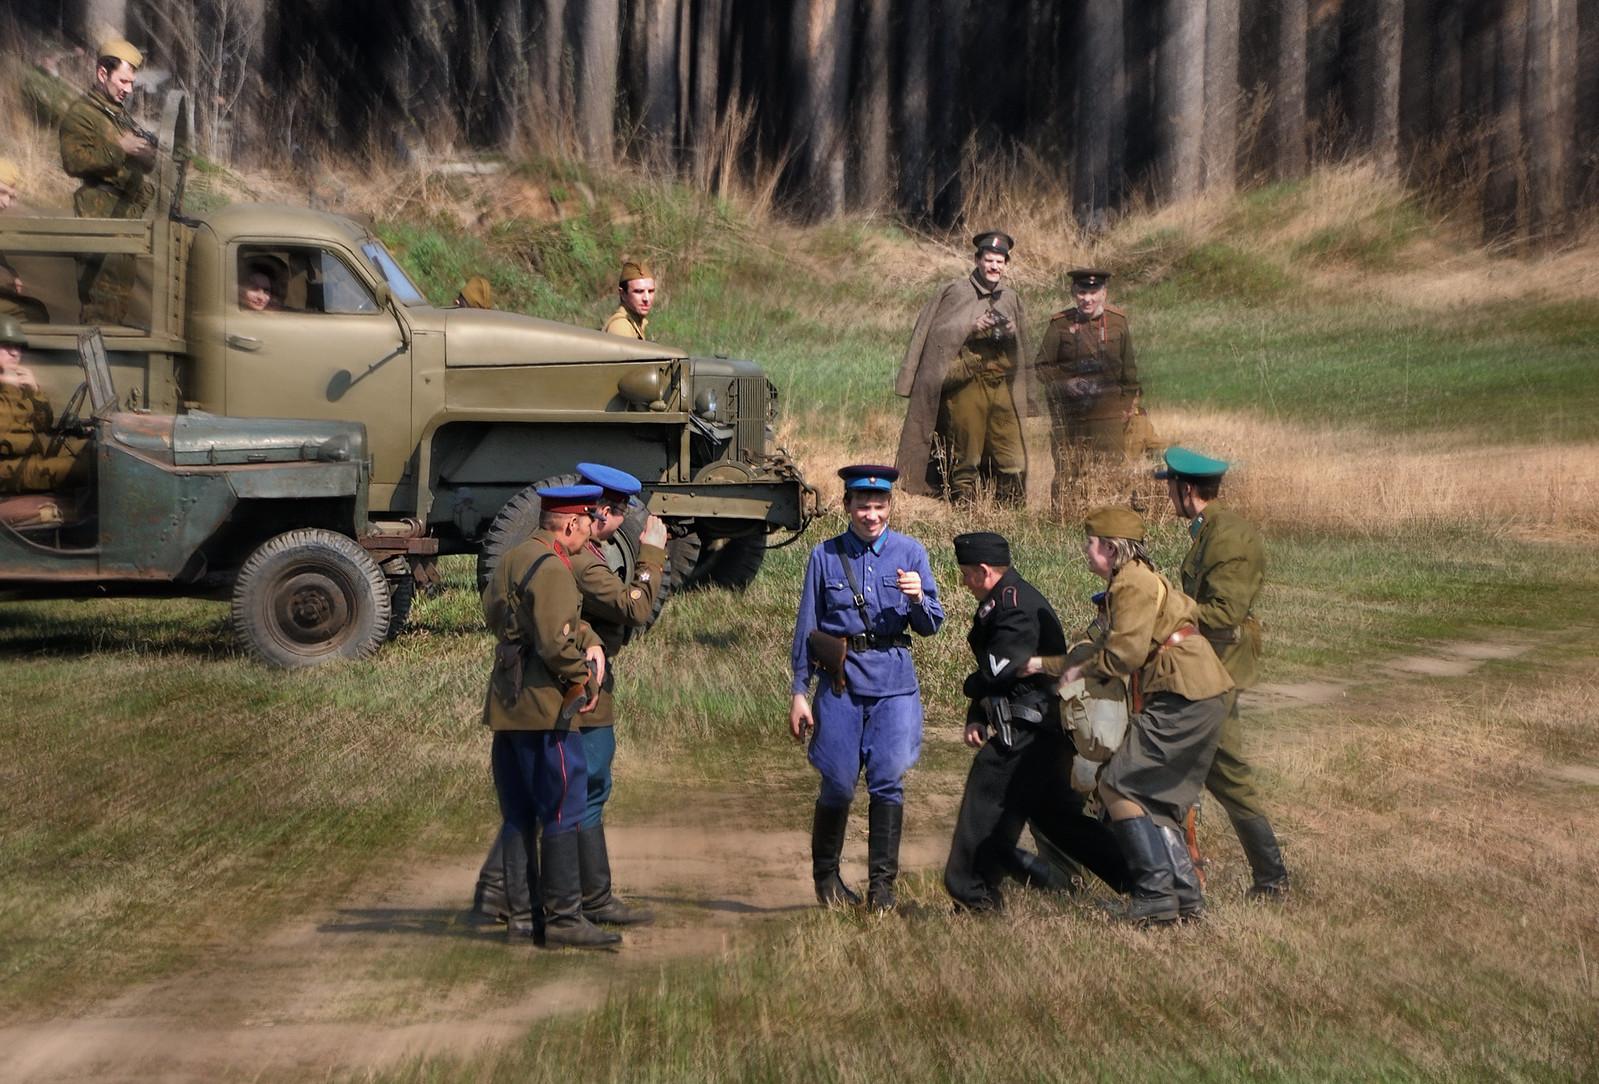 НКВД СССР в работе. Реконструкция второй мировой войны - репортажный фотограф Челябинск